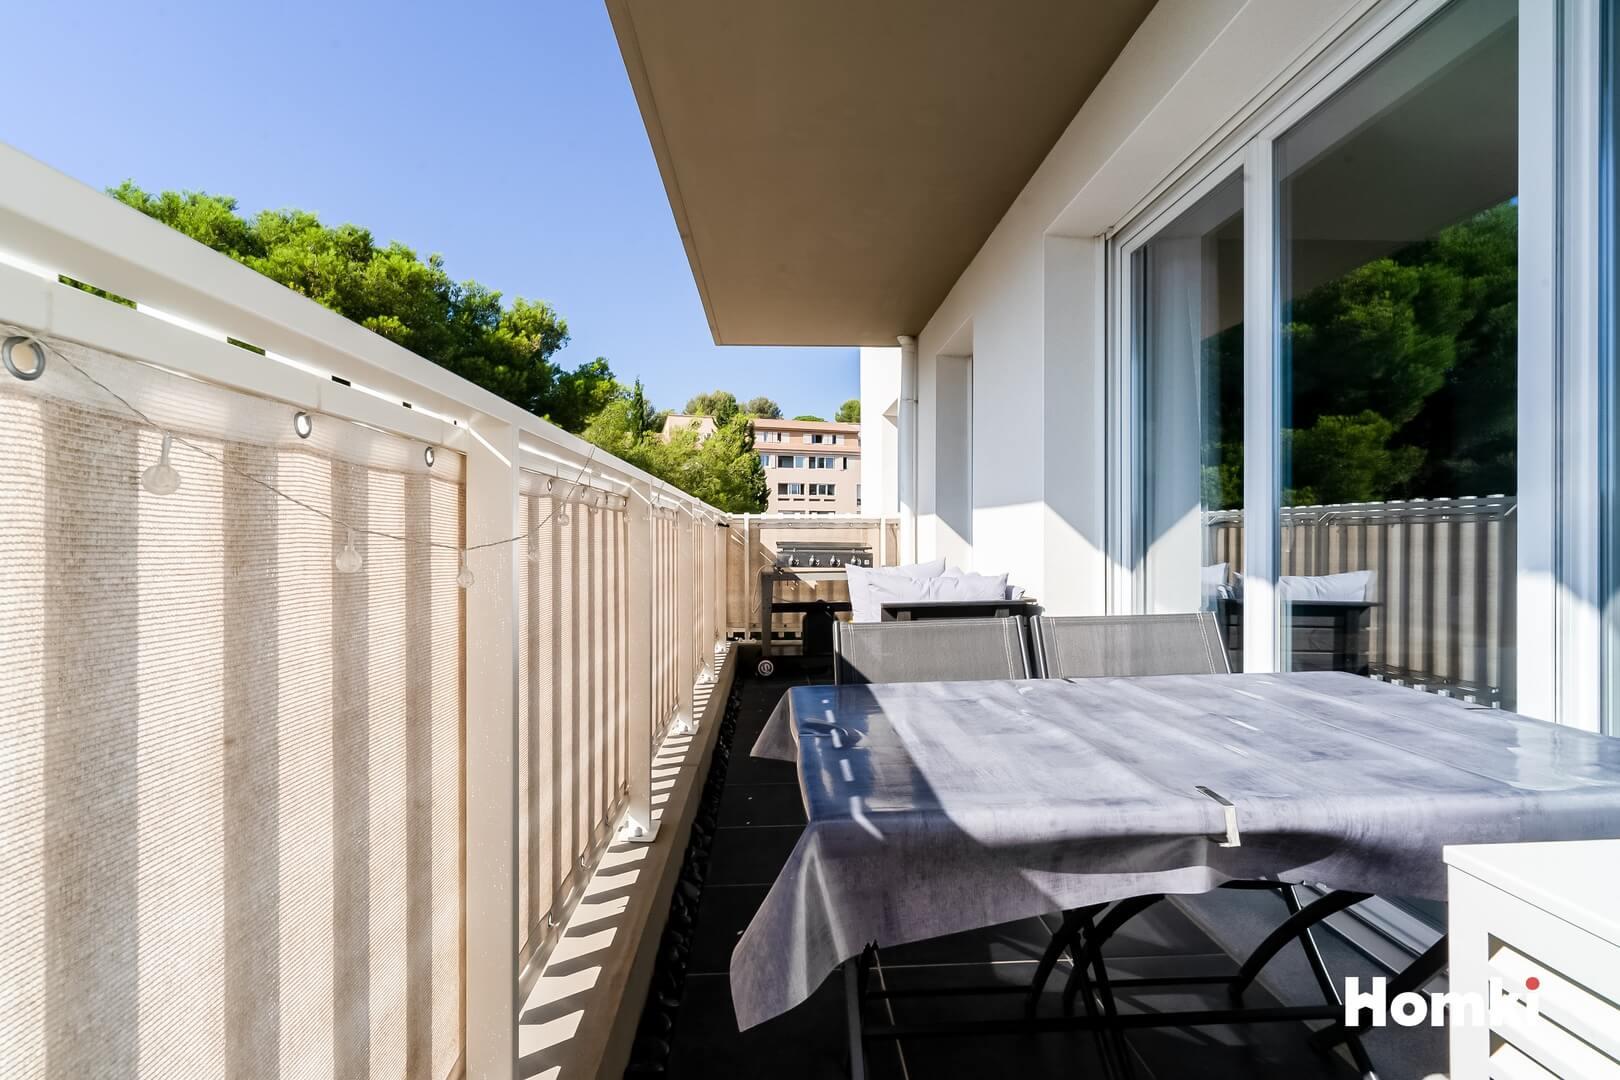 Homki - Vente Appartement  de 61.0 m² à Vitrolles 13127